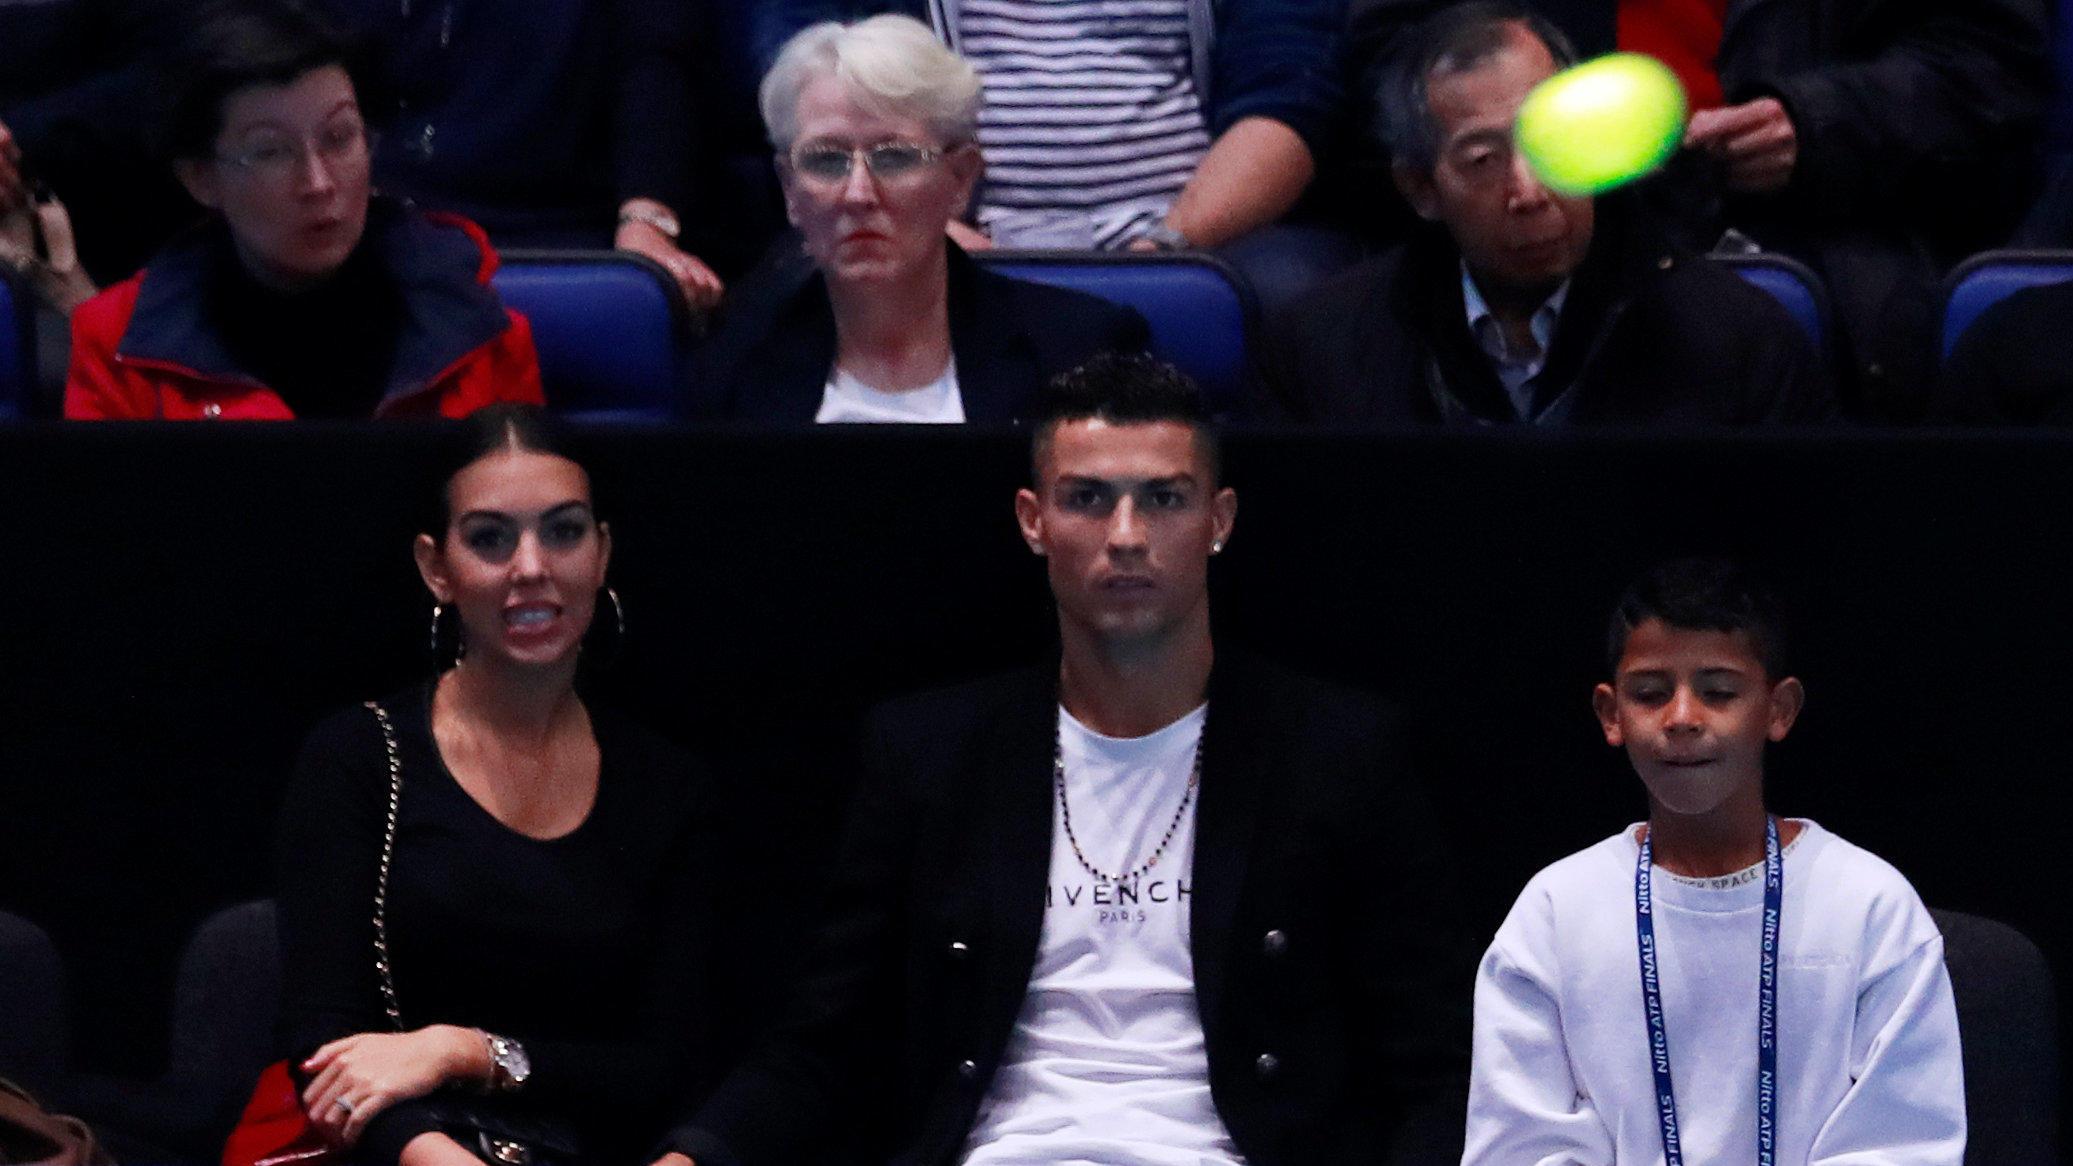 Cristiano Ronaldo patzt bei Tennis-Parade — ATP Finals